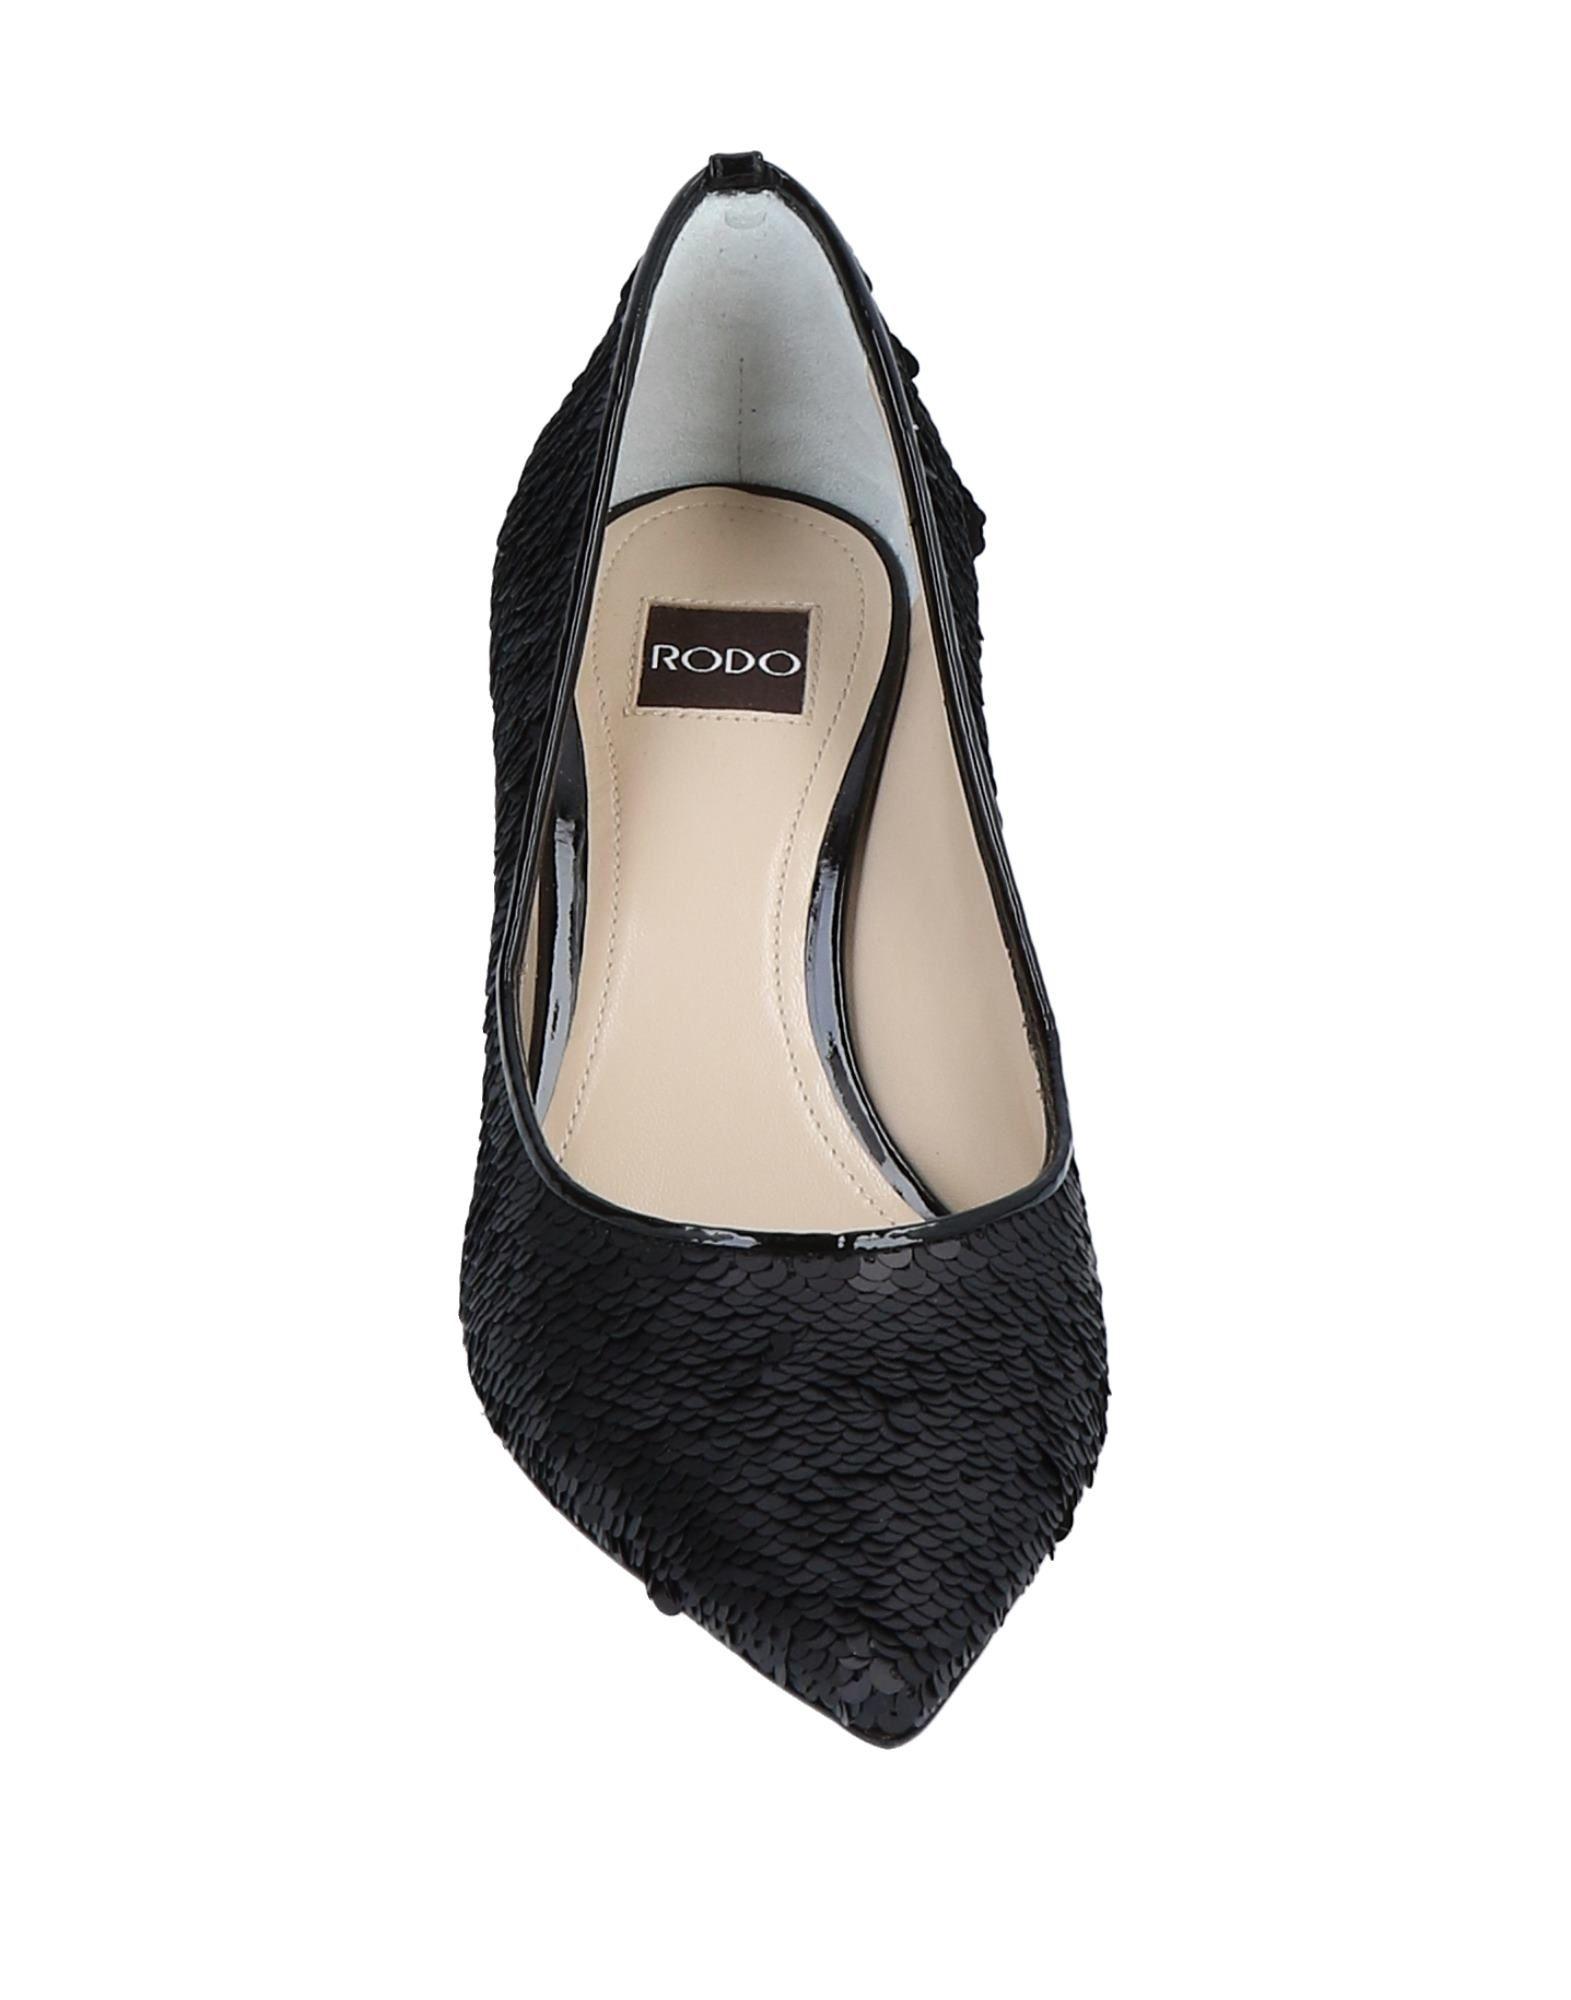 Rabatt Schuhe Rodo Damen Pumps Damen Rodo  11571767KL 60ccea